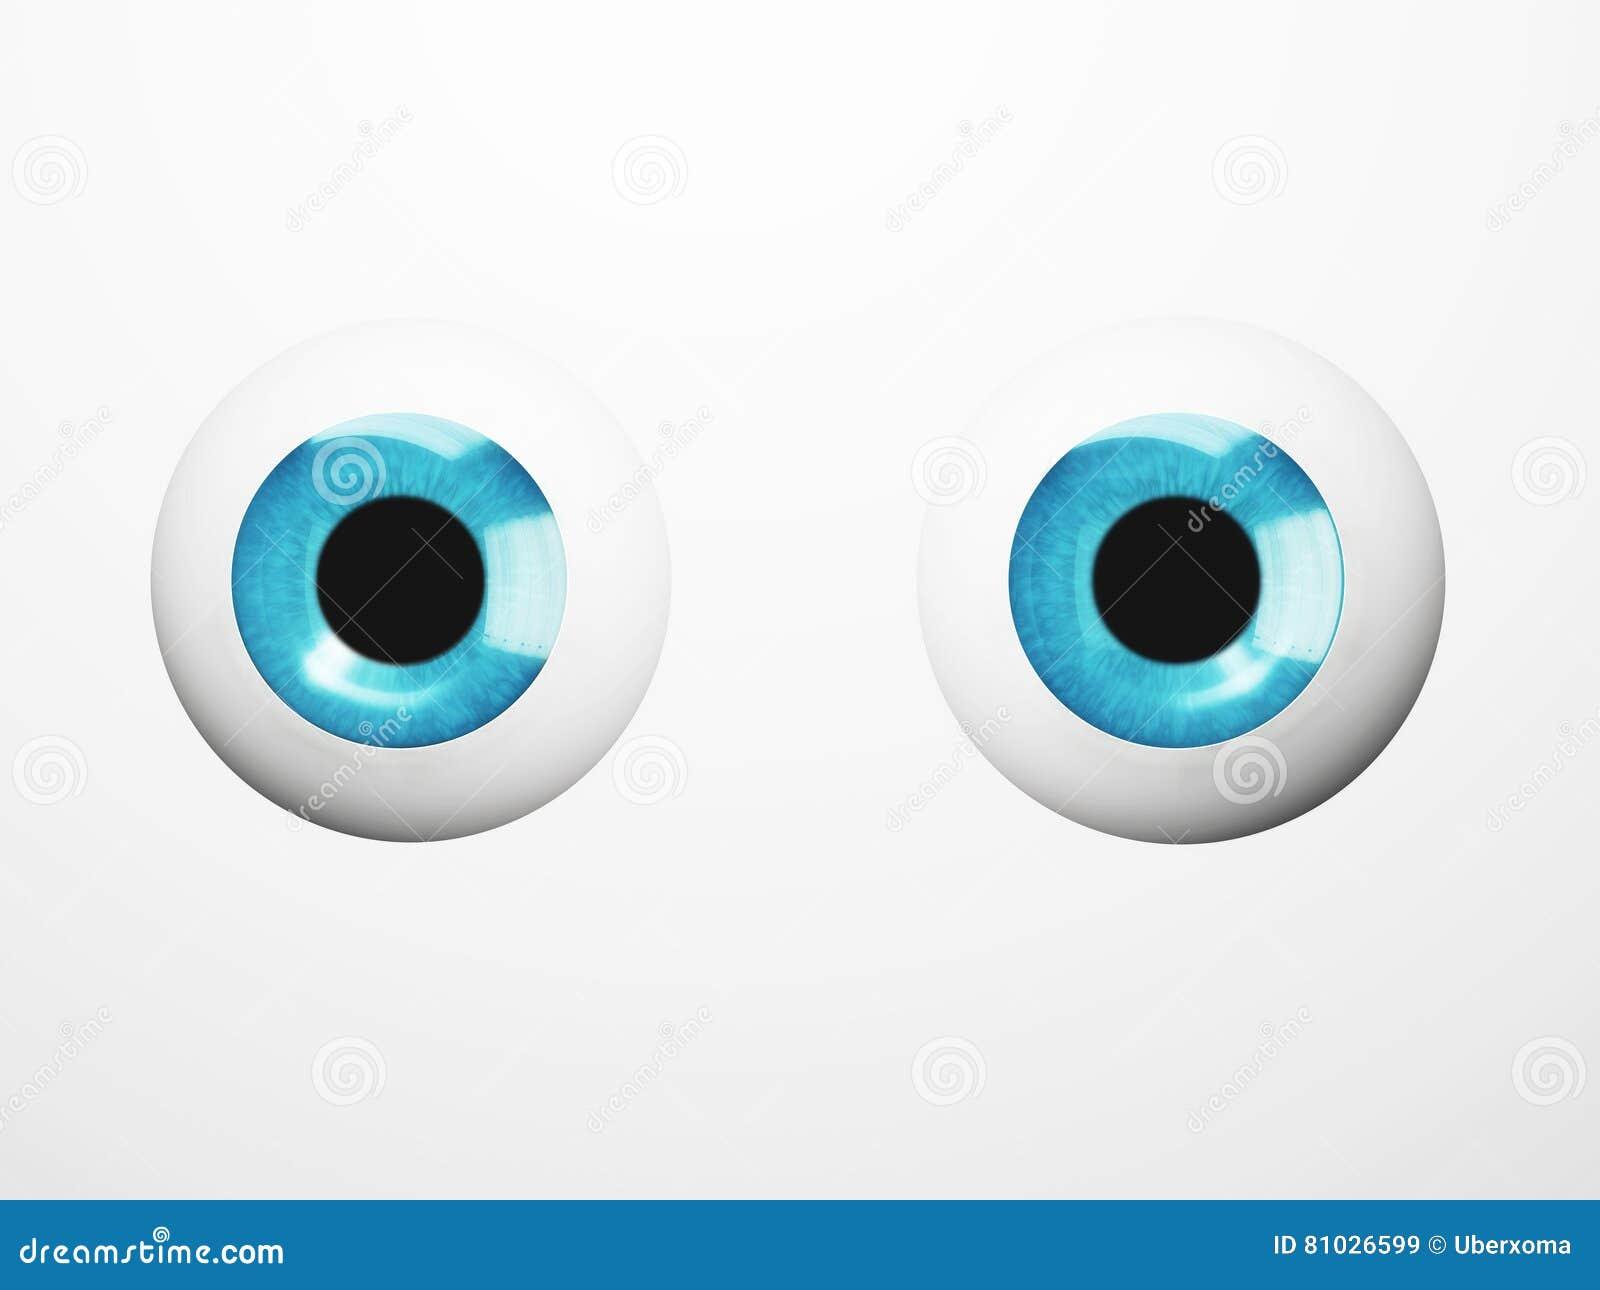 blue eye monitoring